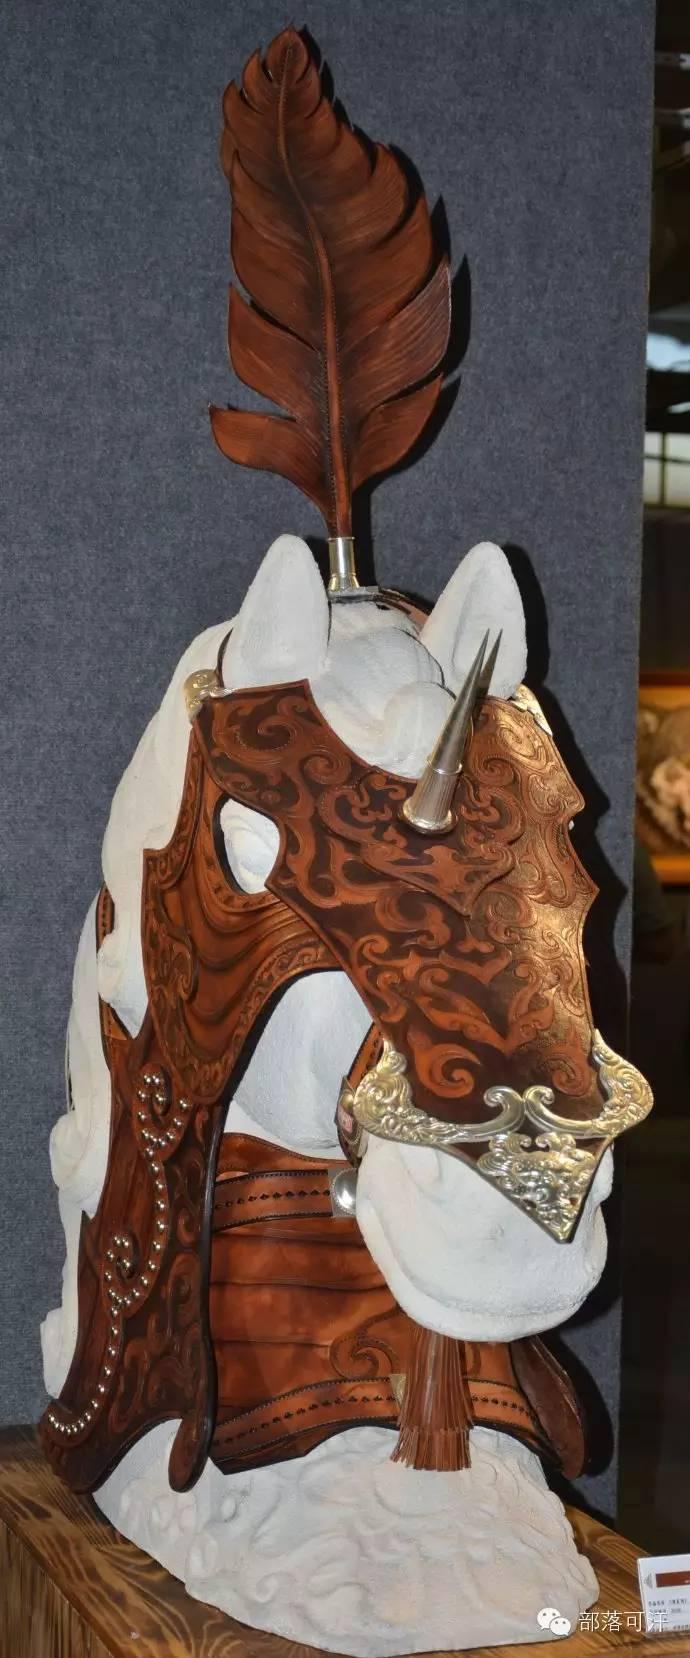 蒙古族皮画皮雕艺术欣赏 第3张